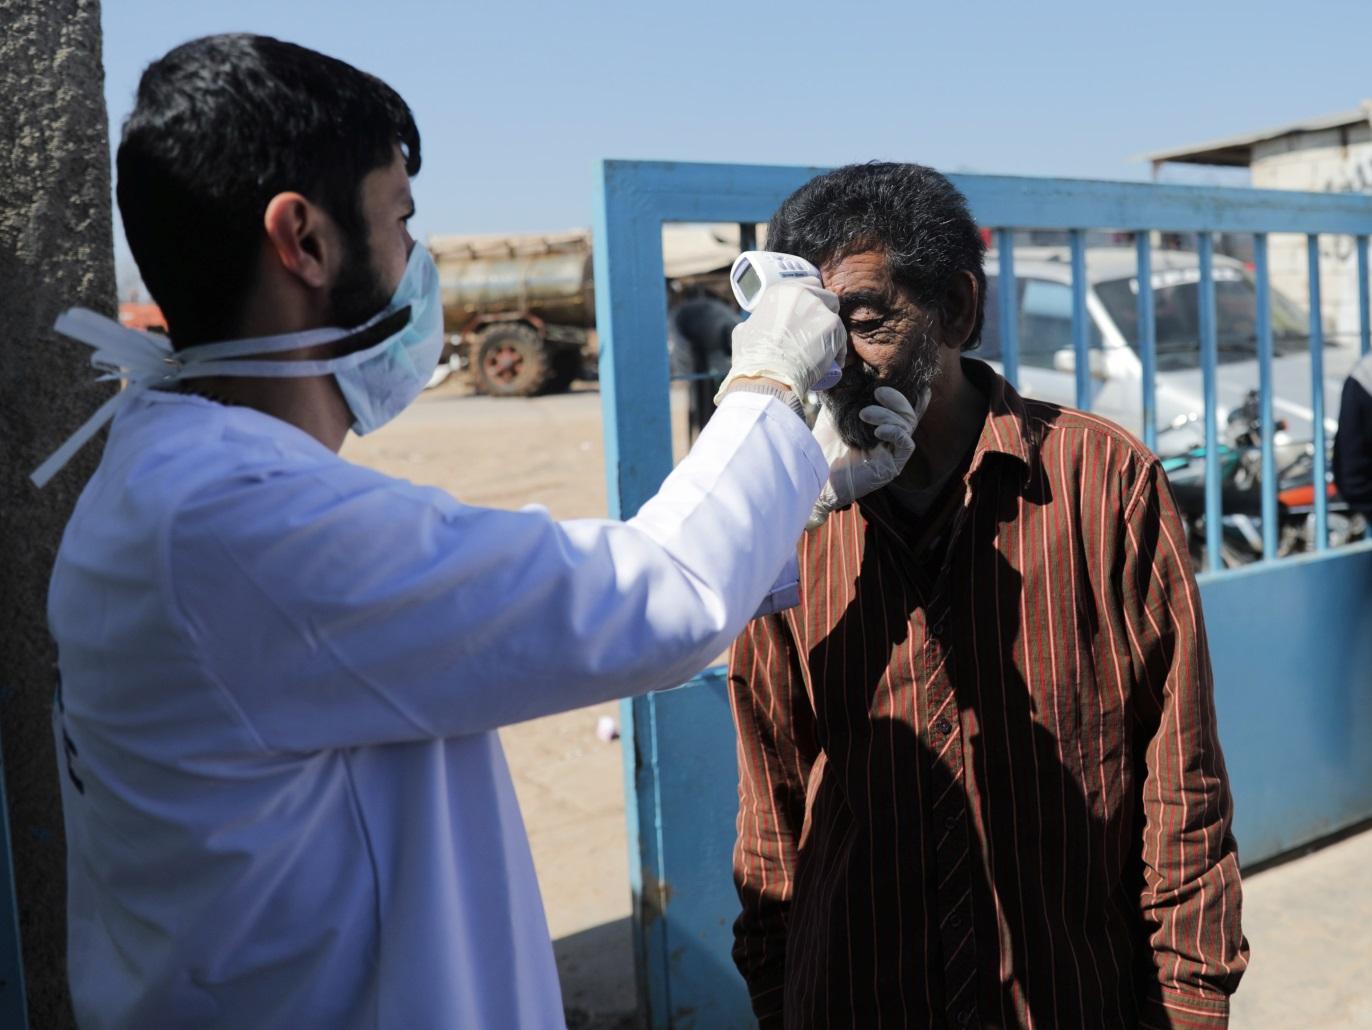 ارتفاع اعداد المصابين بفيروس كورونا في سوريا إلى 312